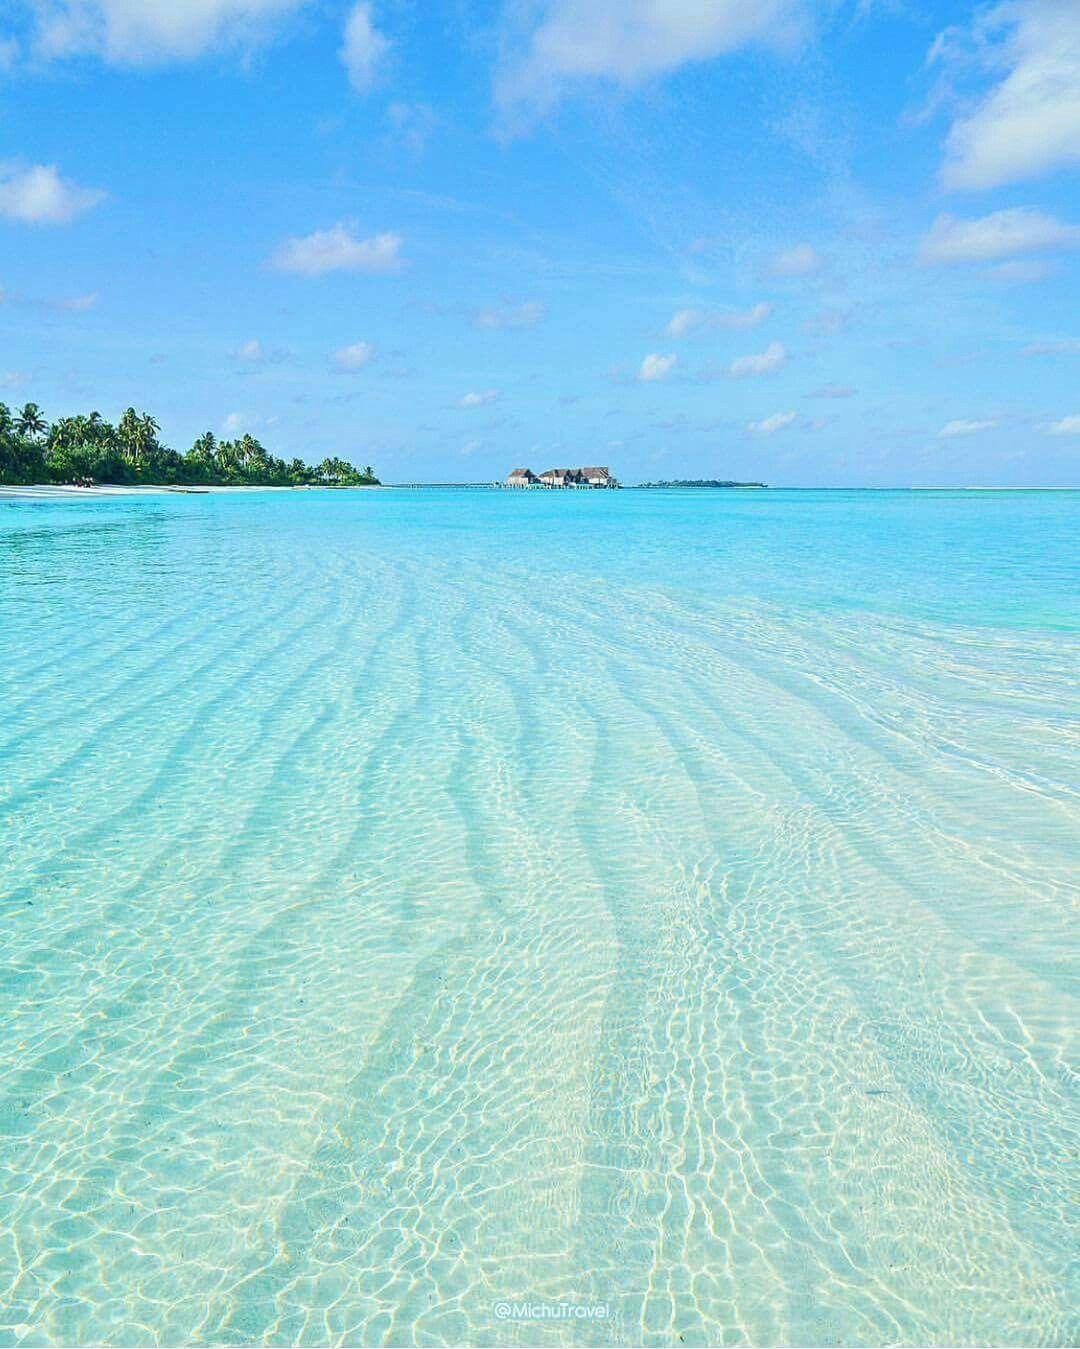 Sun Island Beach Maldives: Pin By Autumn Jacunski On Sun And Fun